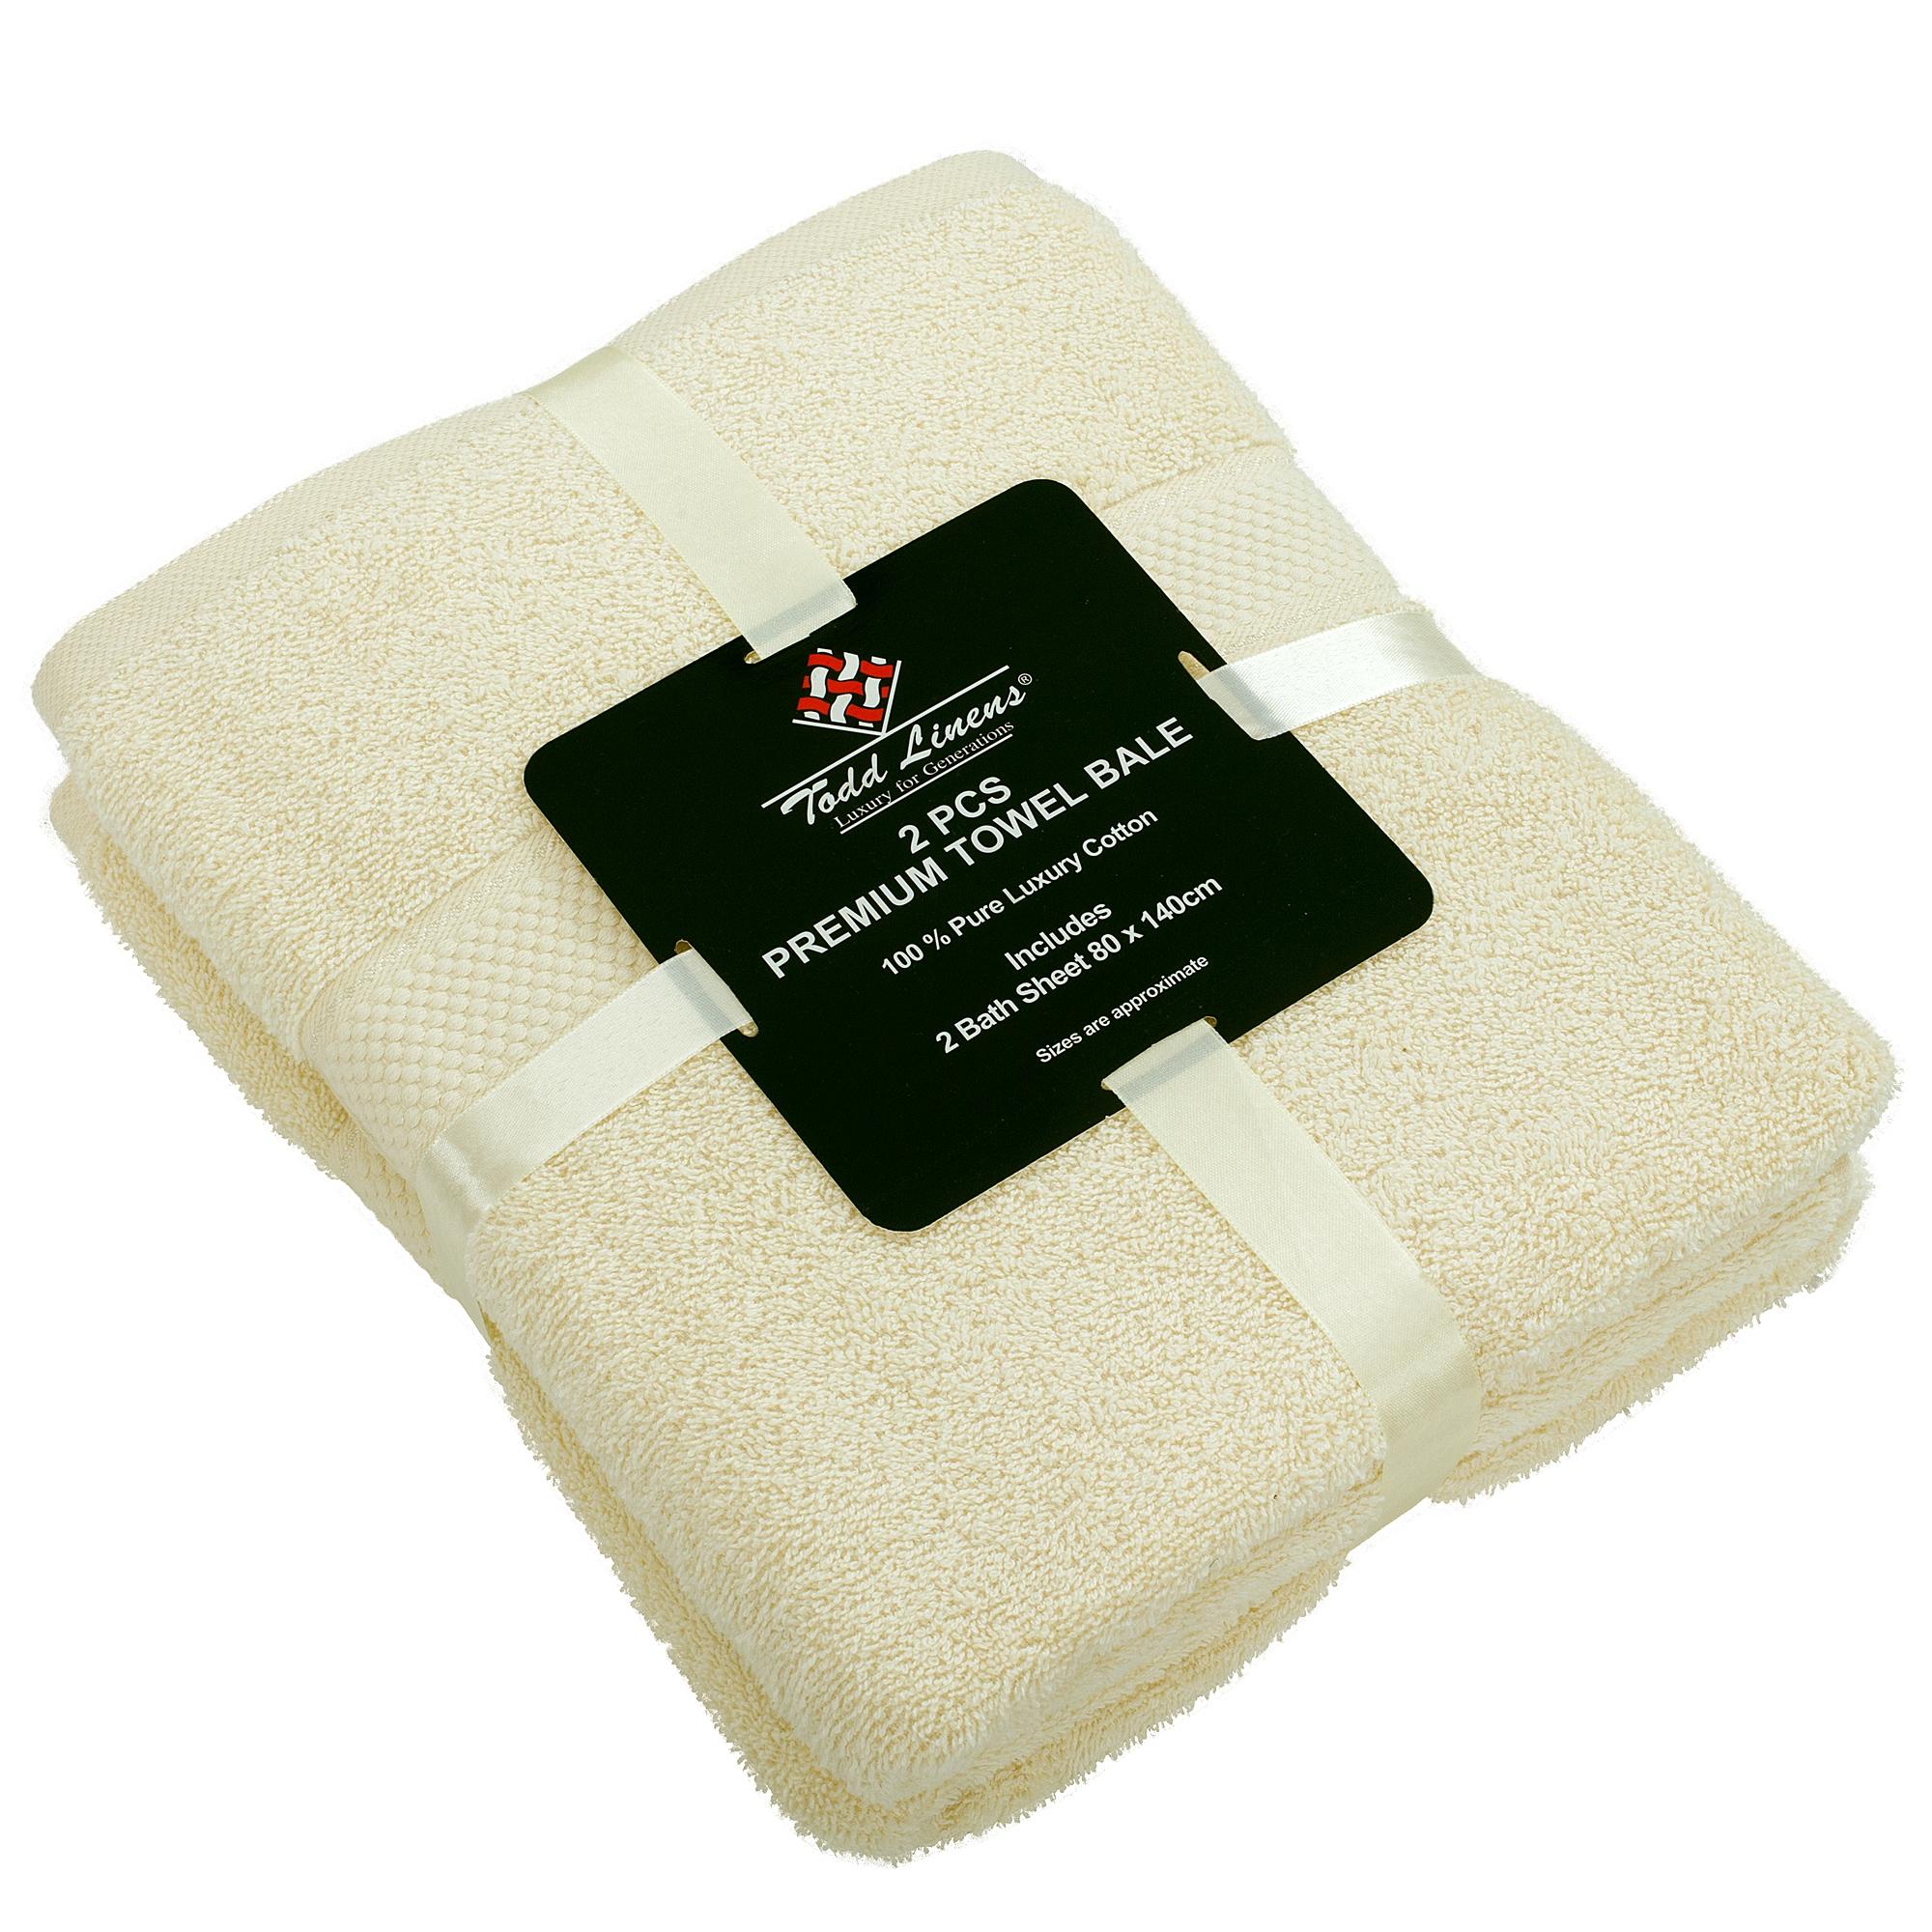 2 Pcs 100 % Cotton Premium Bath Sheet Towel Bale Set Cream Plain